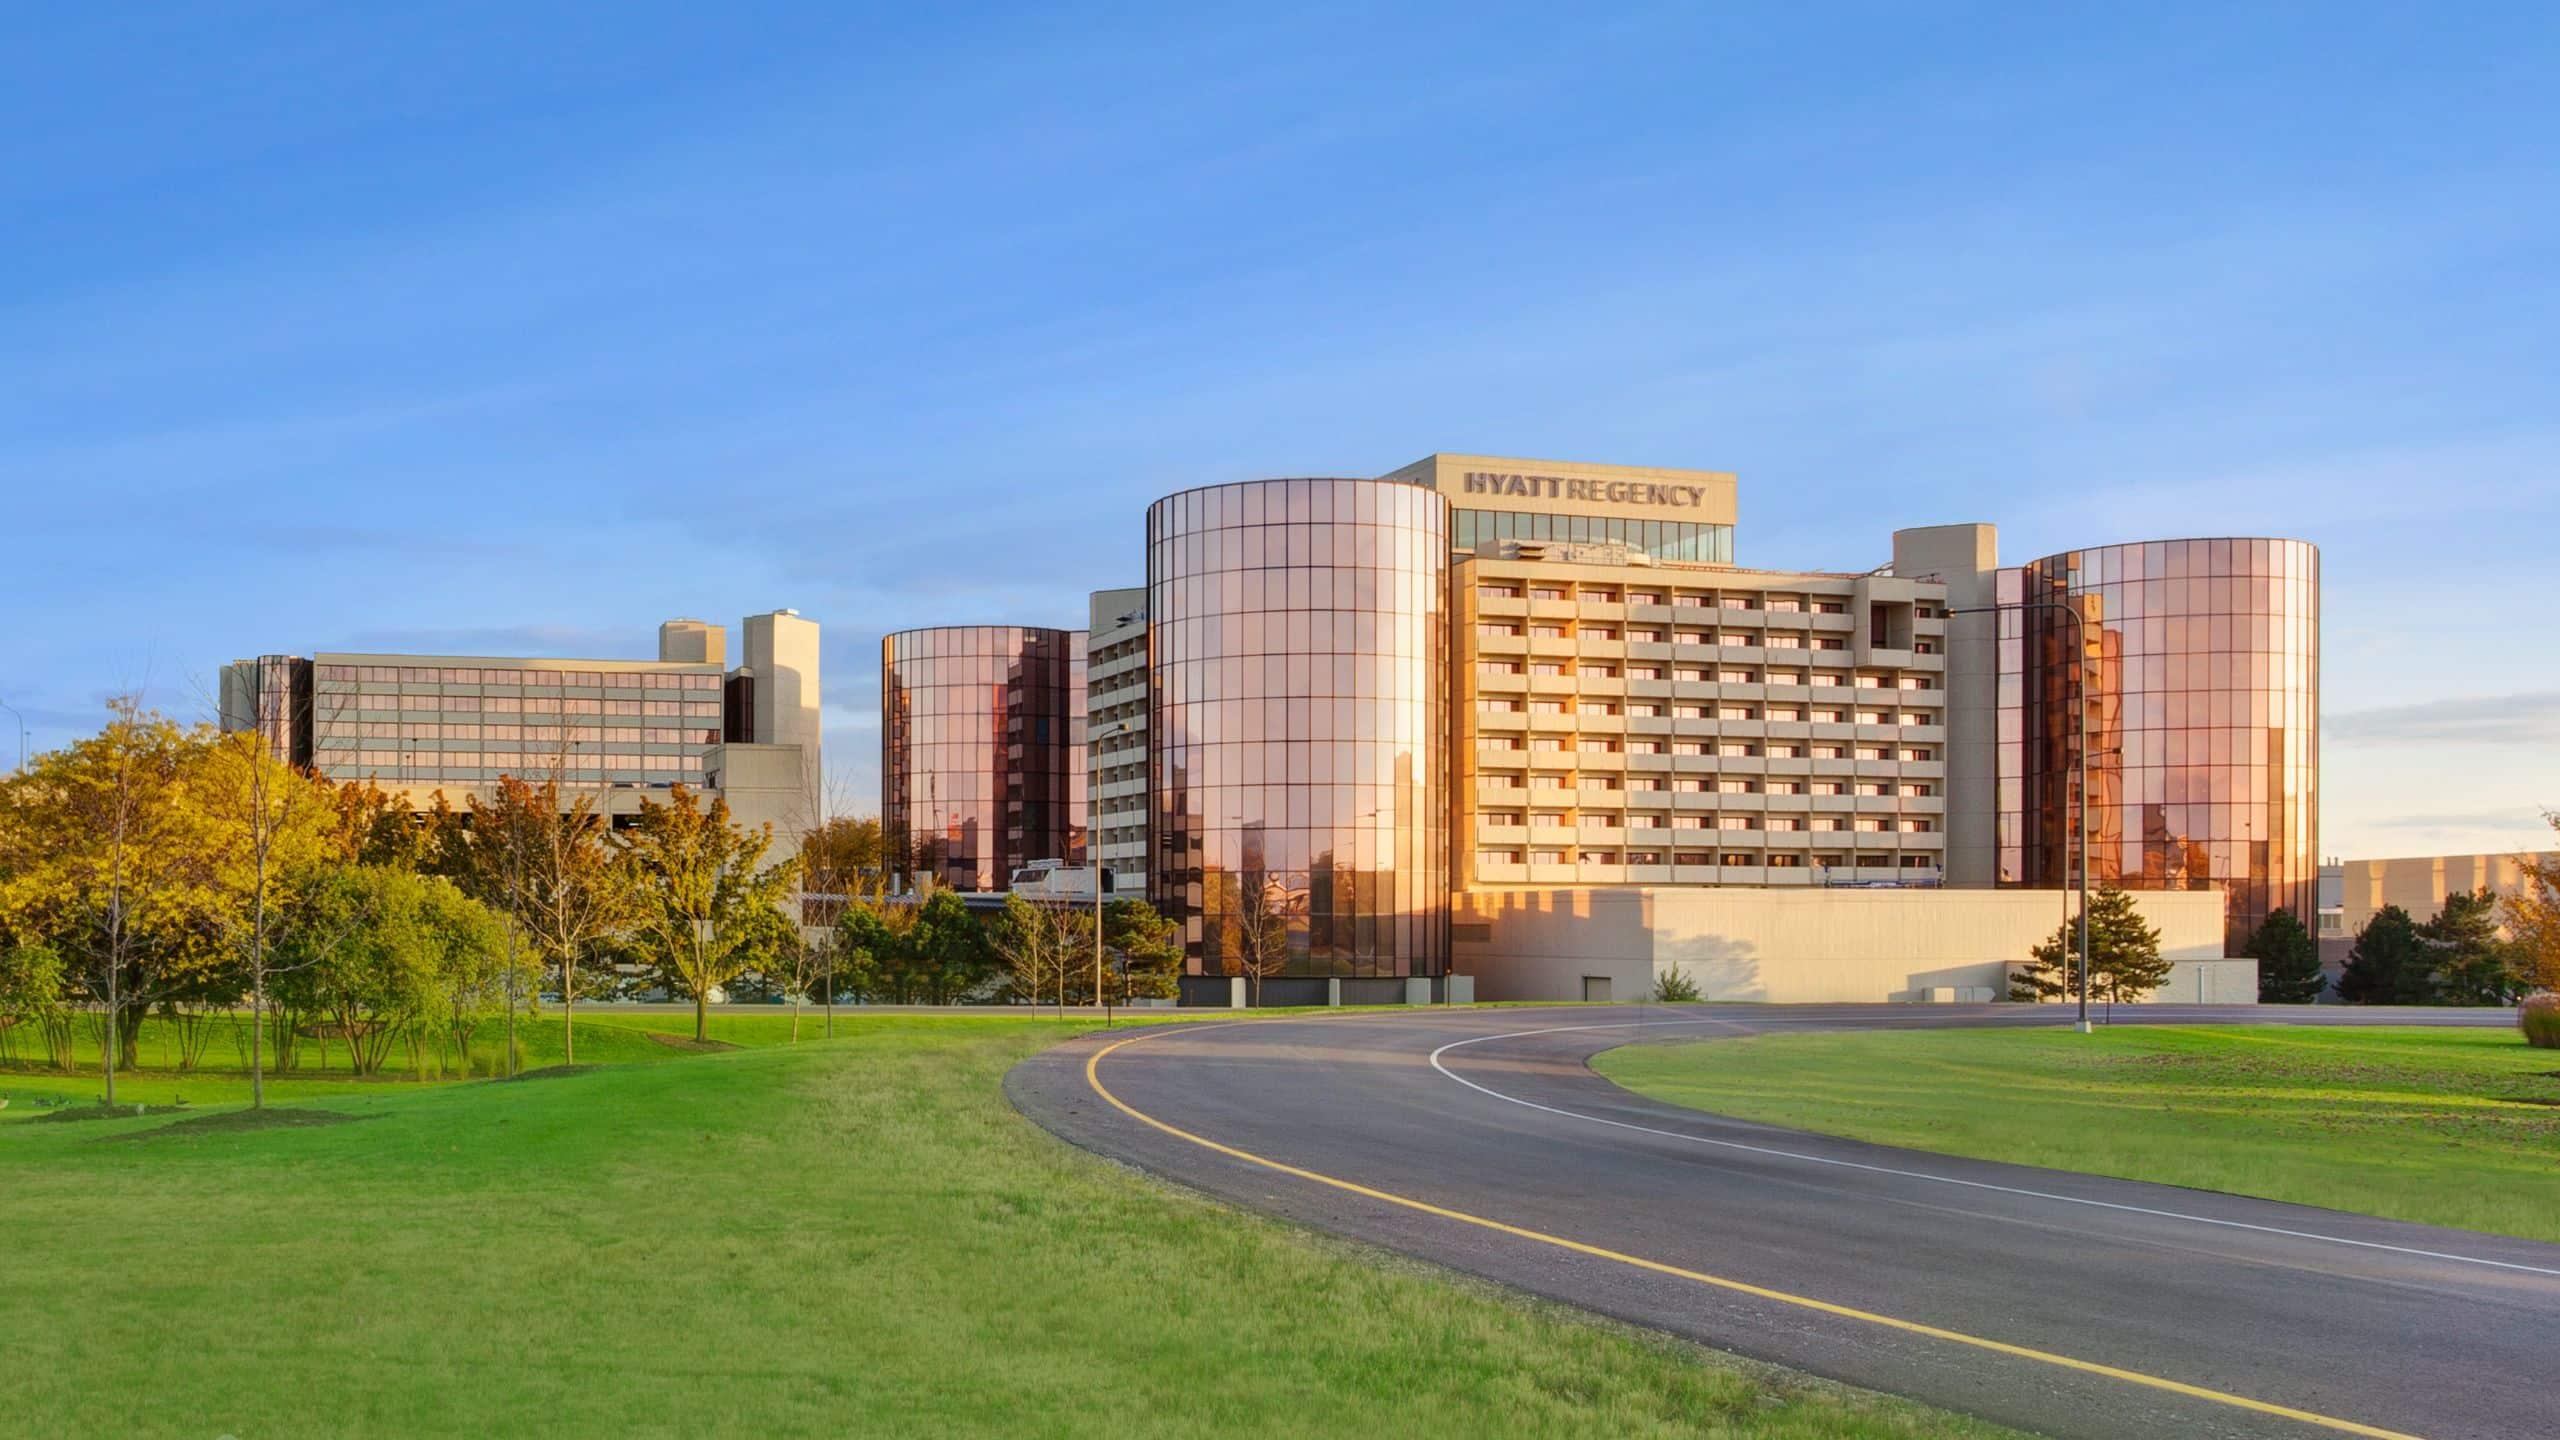 O'Hare Airport Hotel With Shuttle | Hyatt Regency O'Hare Chicago on